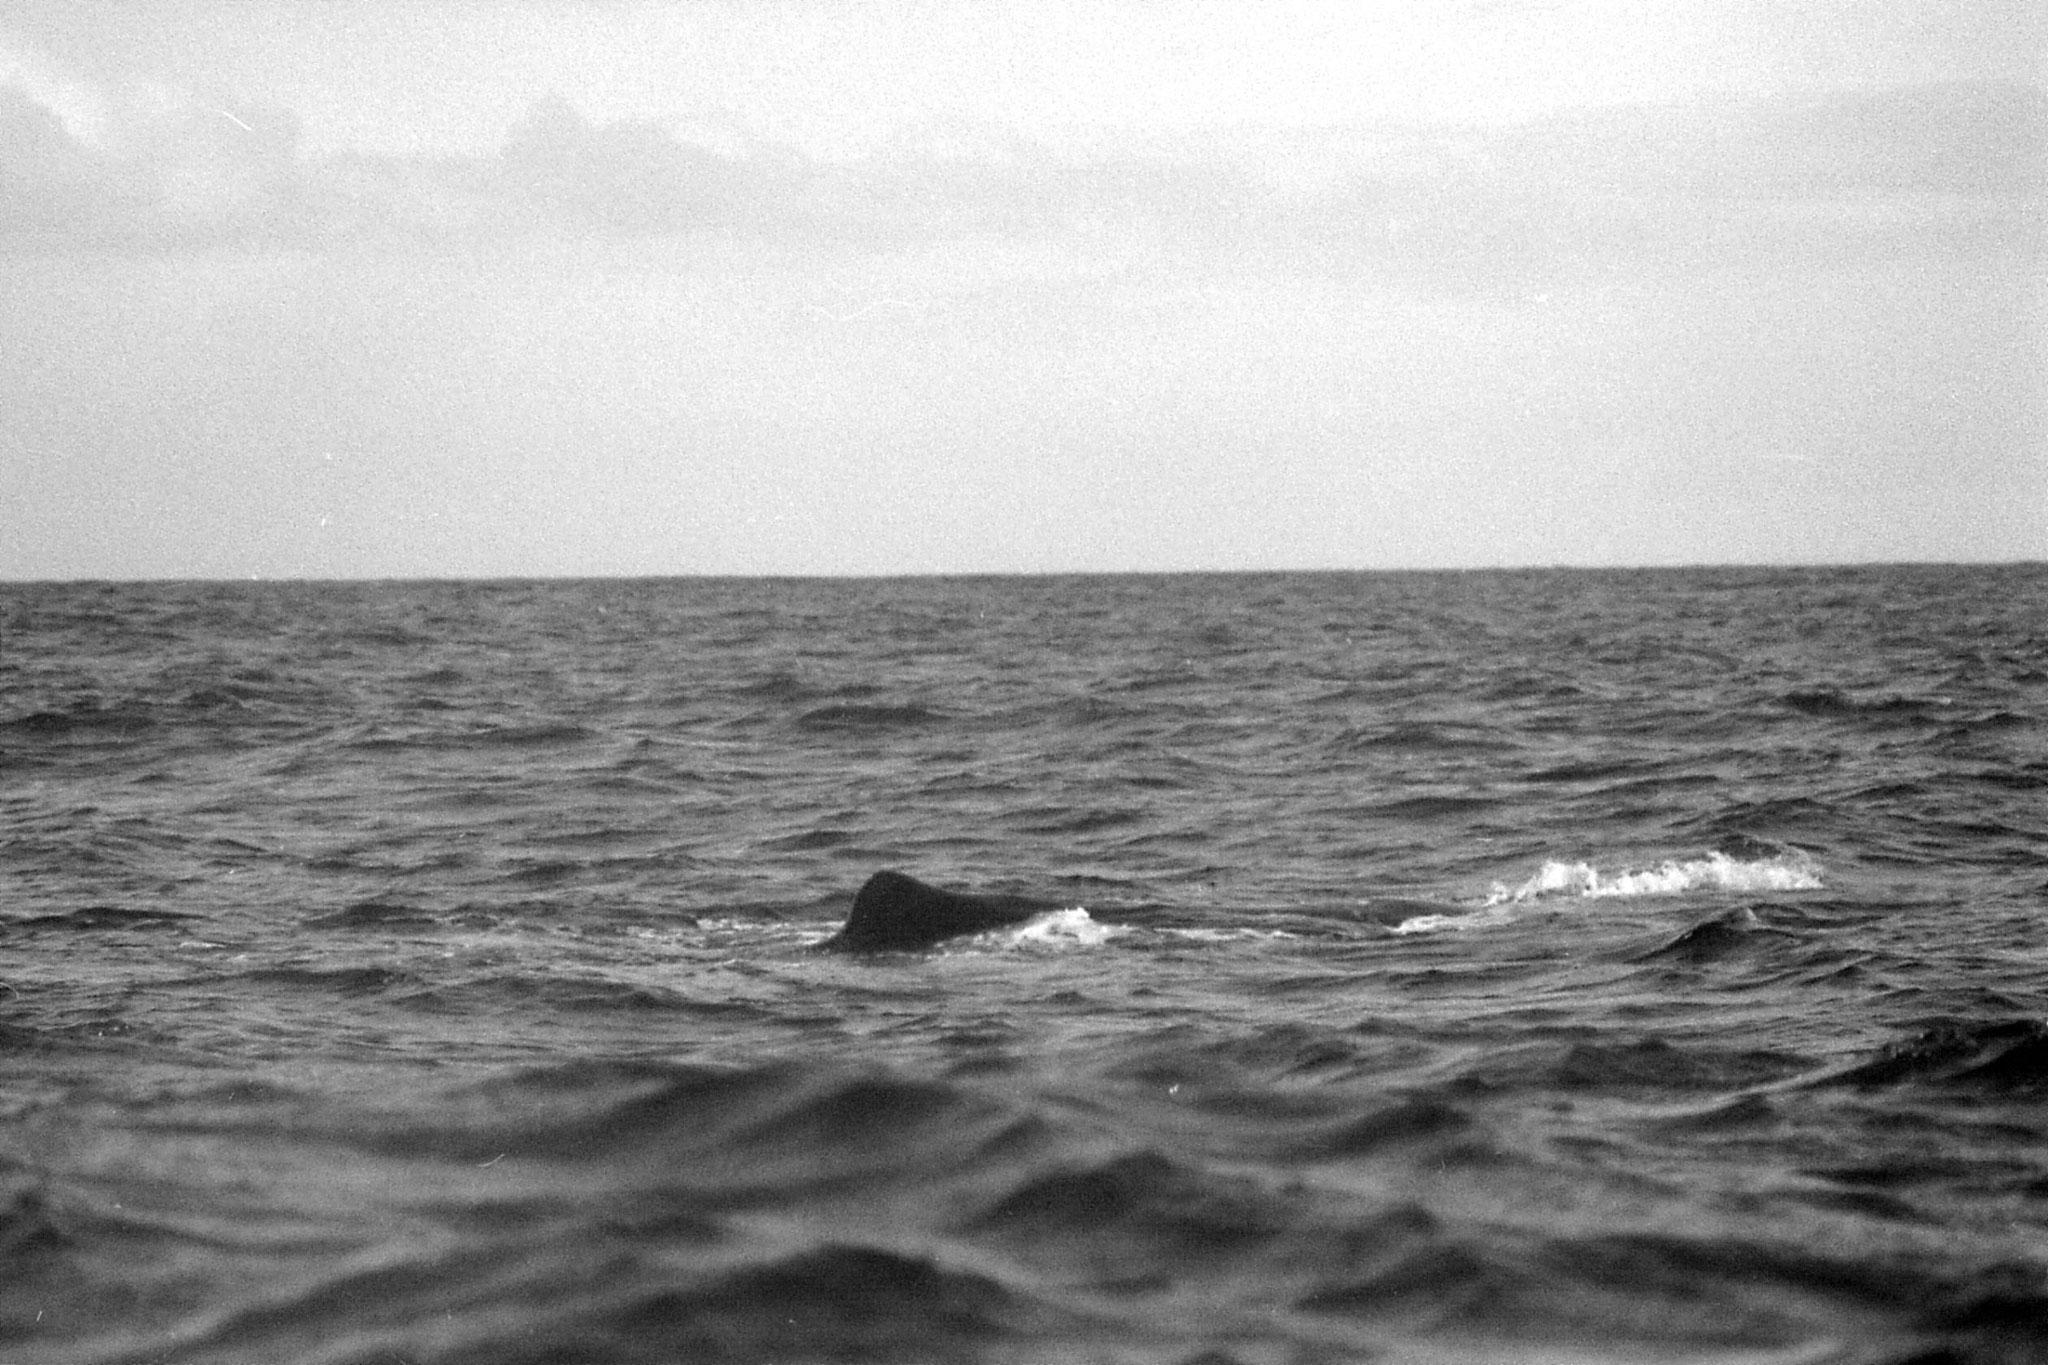 9/8/1990: 18:Kaikoura: sperm whale